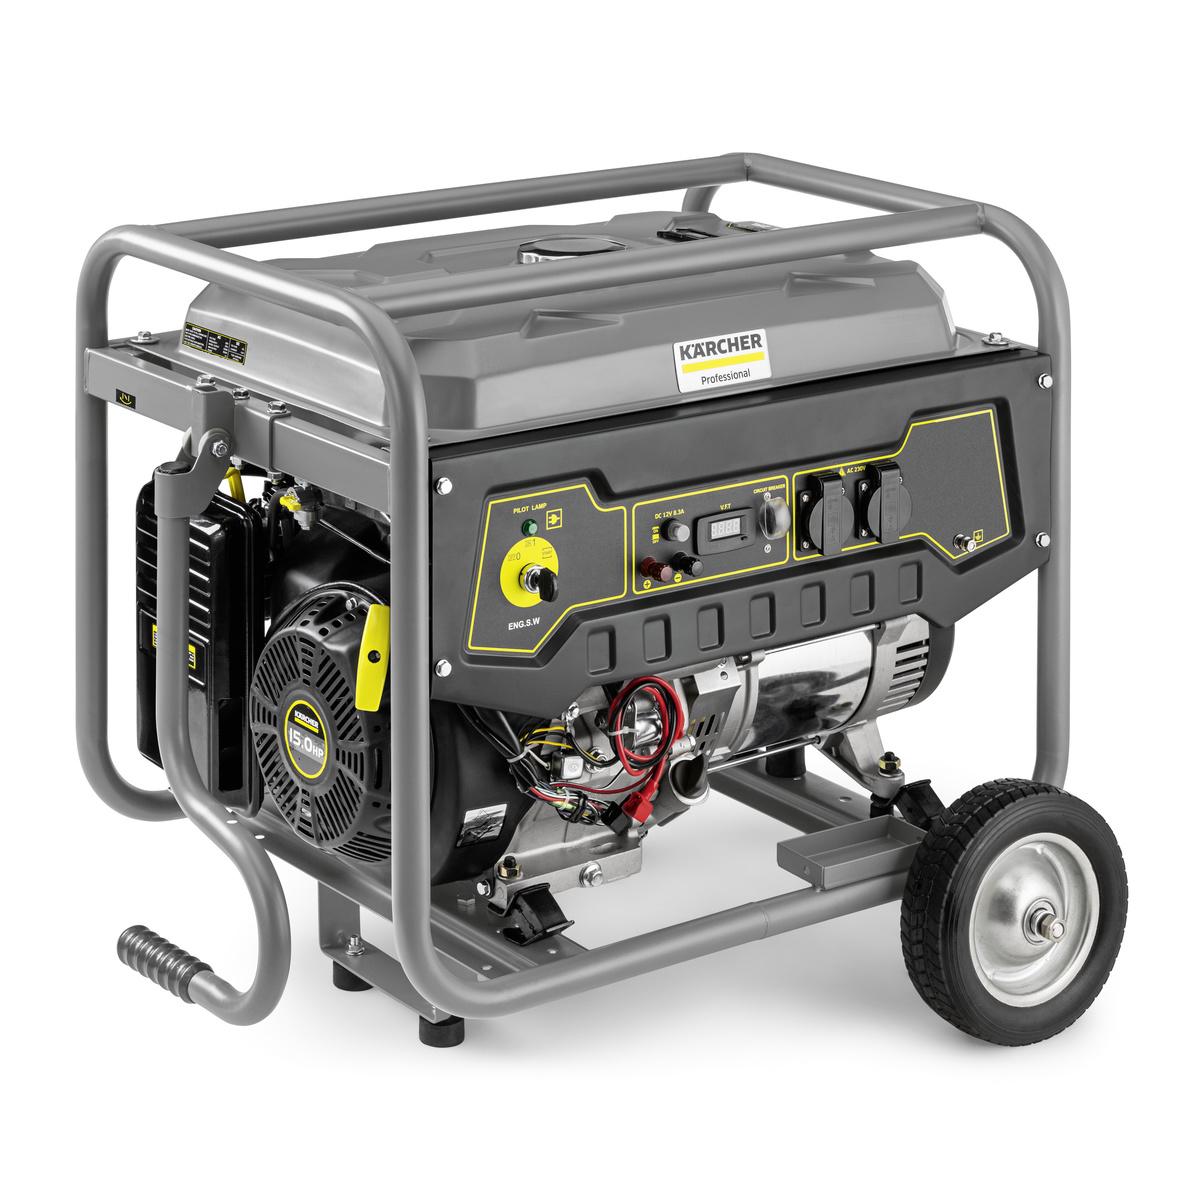 Бензиновый генератор Karcher PGG 3/1 купить в Екатеринбурге у оф. дилера: цена, инструкция, характеристики